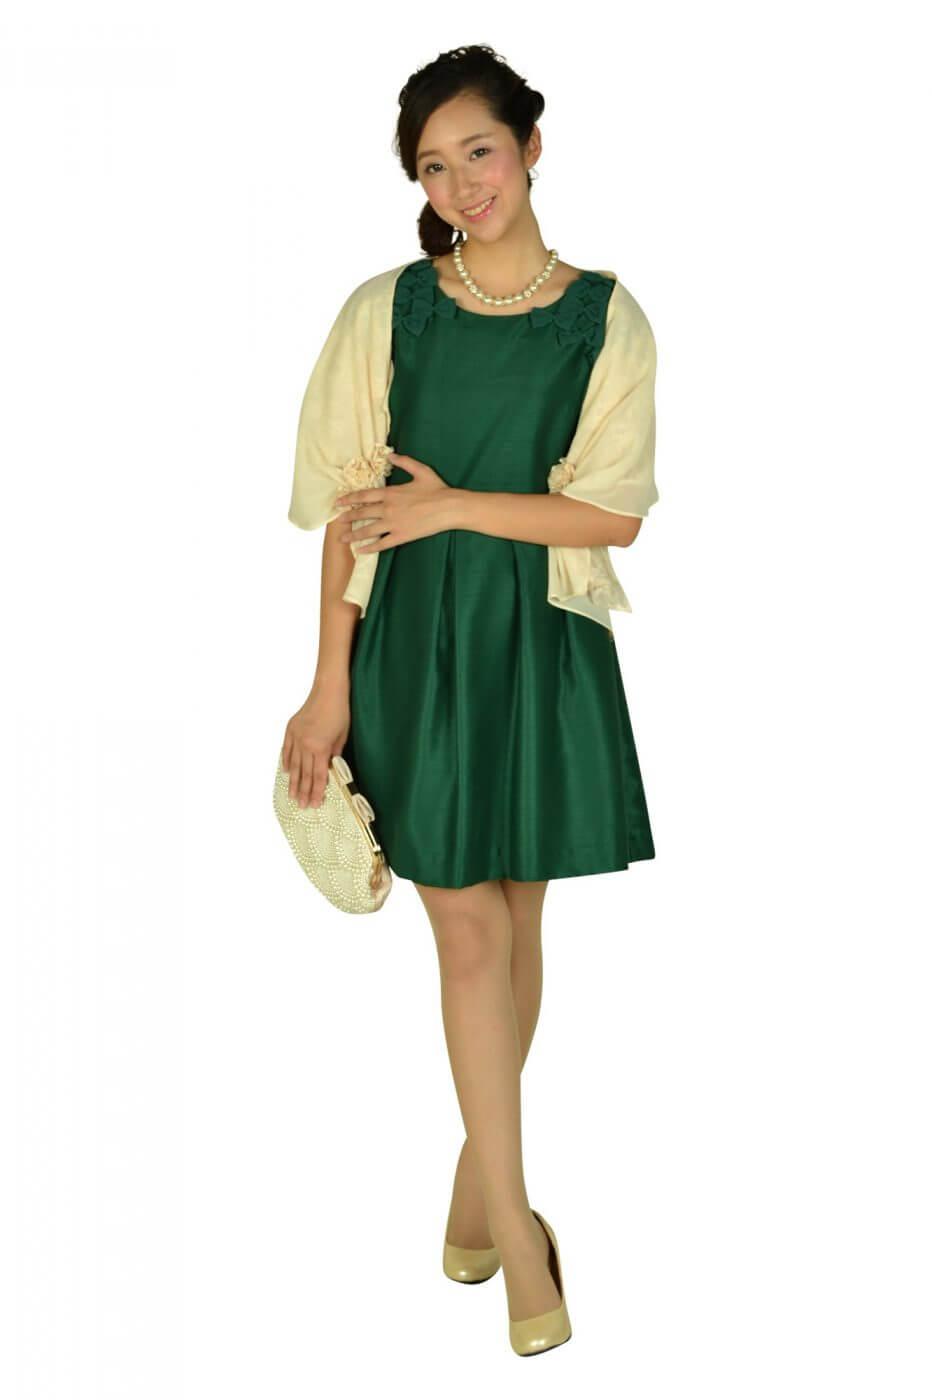 ボン メルスリー(Bon mercerie)グリーンリボンモチーフ付きドレス